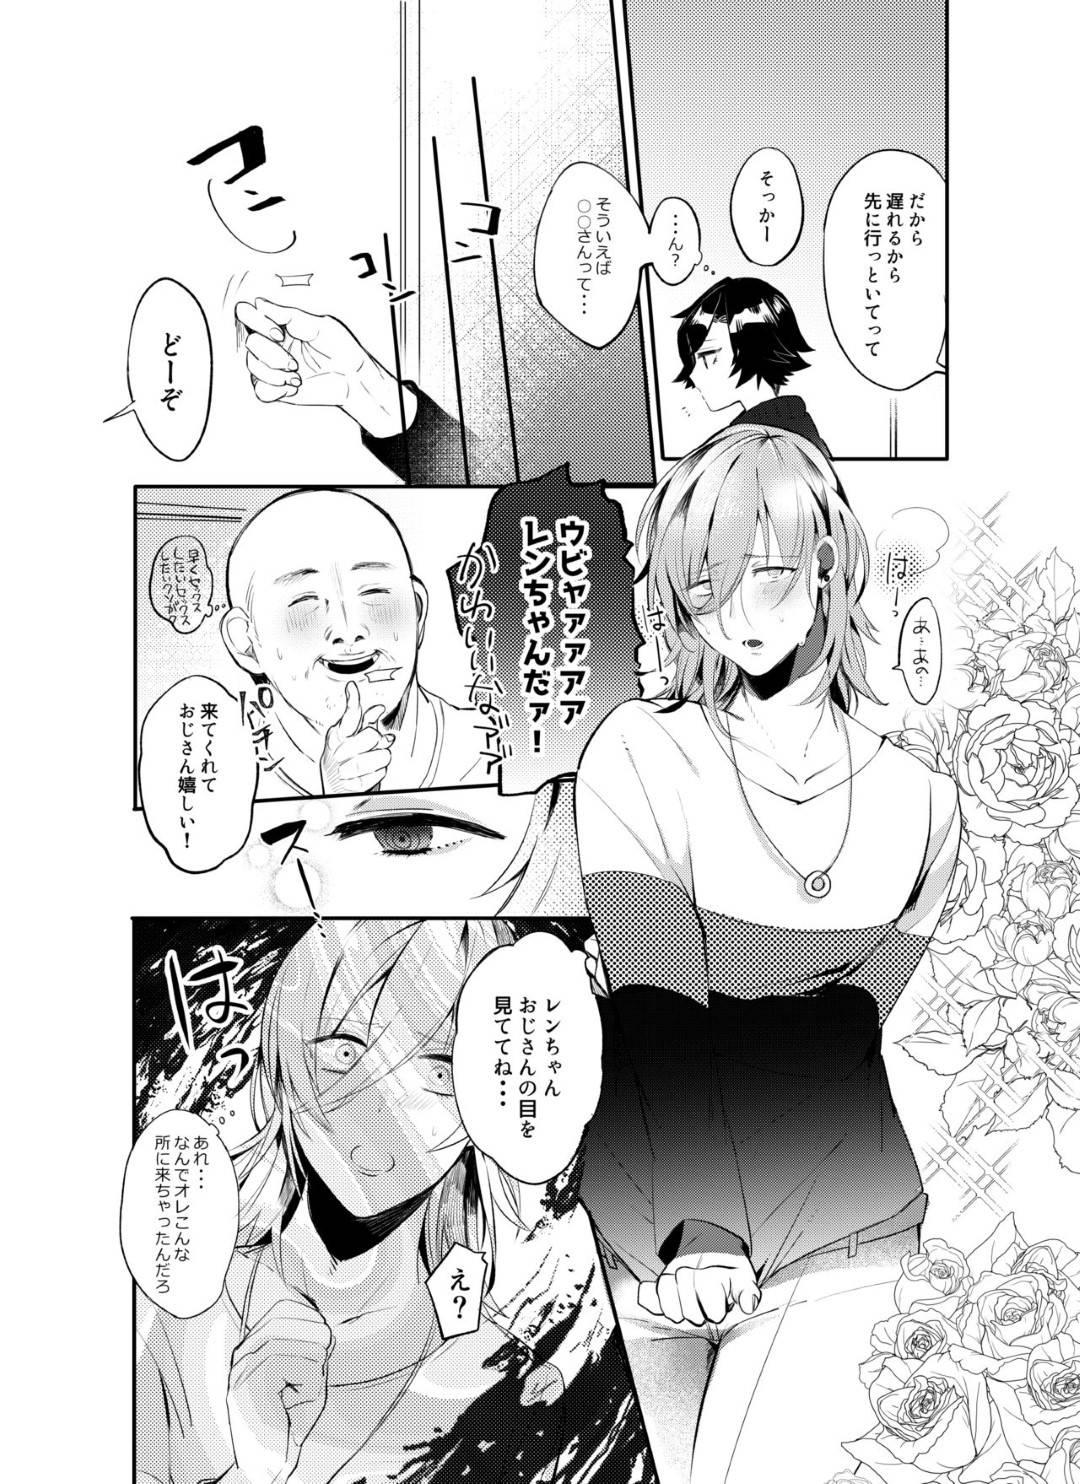 同人 誌 ゅ ん びいき Bl 最強メガネBL特集